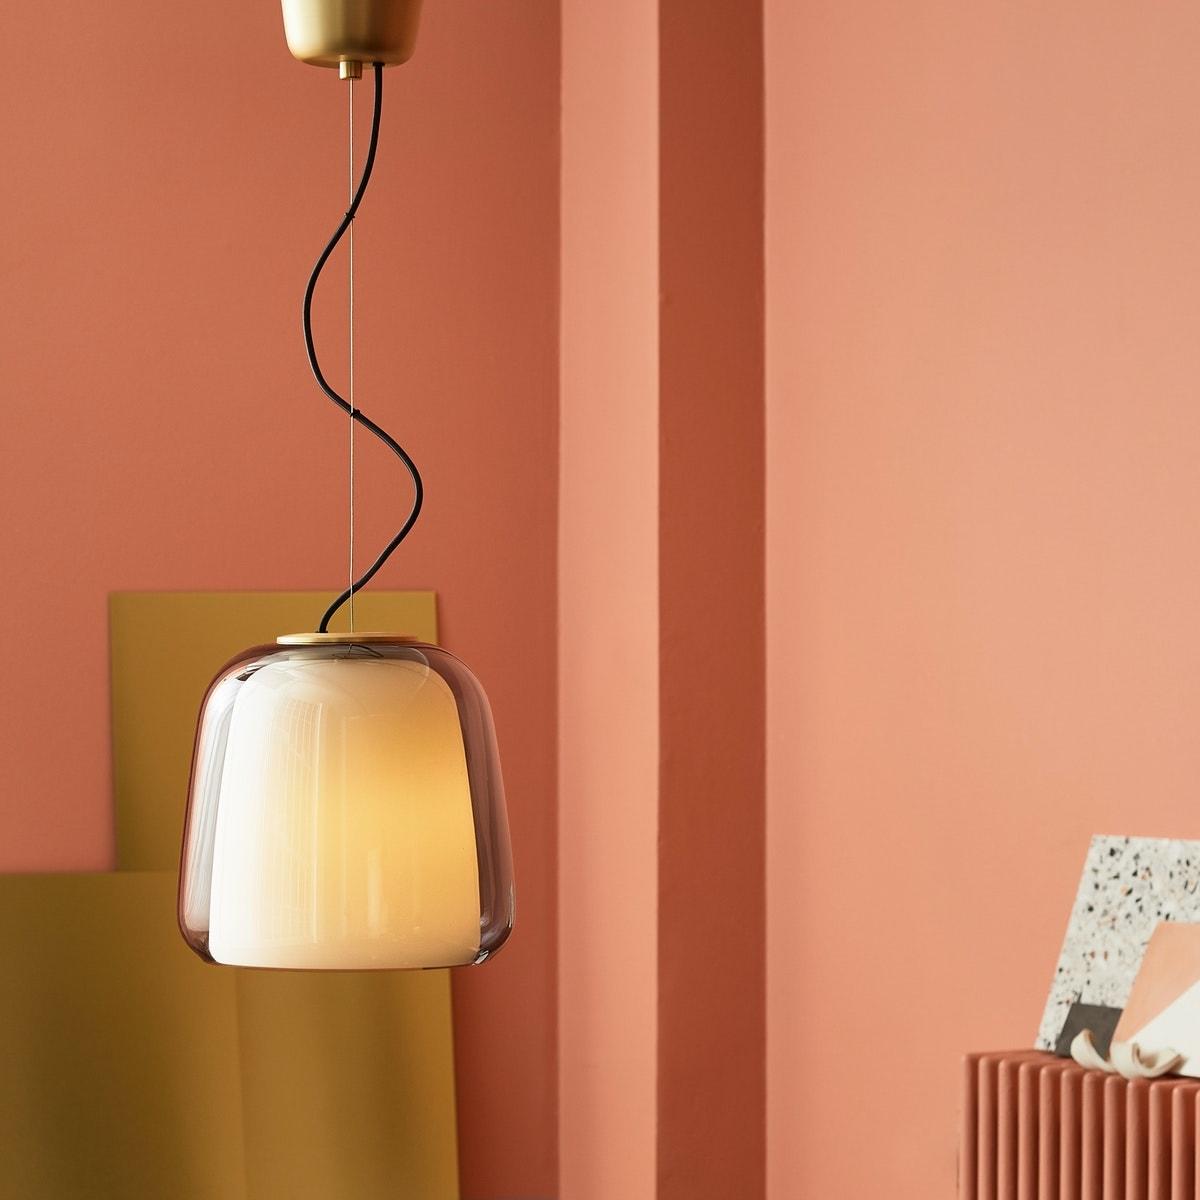 Eine doppelwandige Glashängeleuchte mit Messingdetails in einem rosafarben gestalteten Zimmer